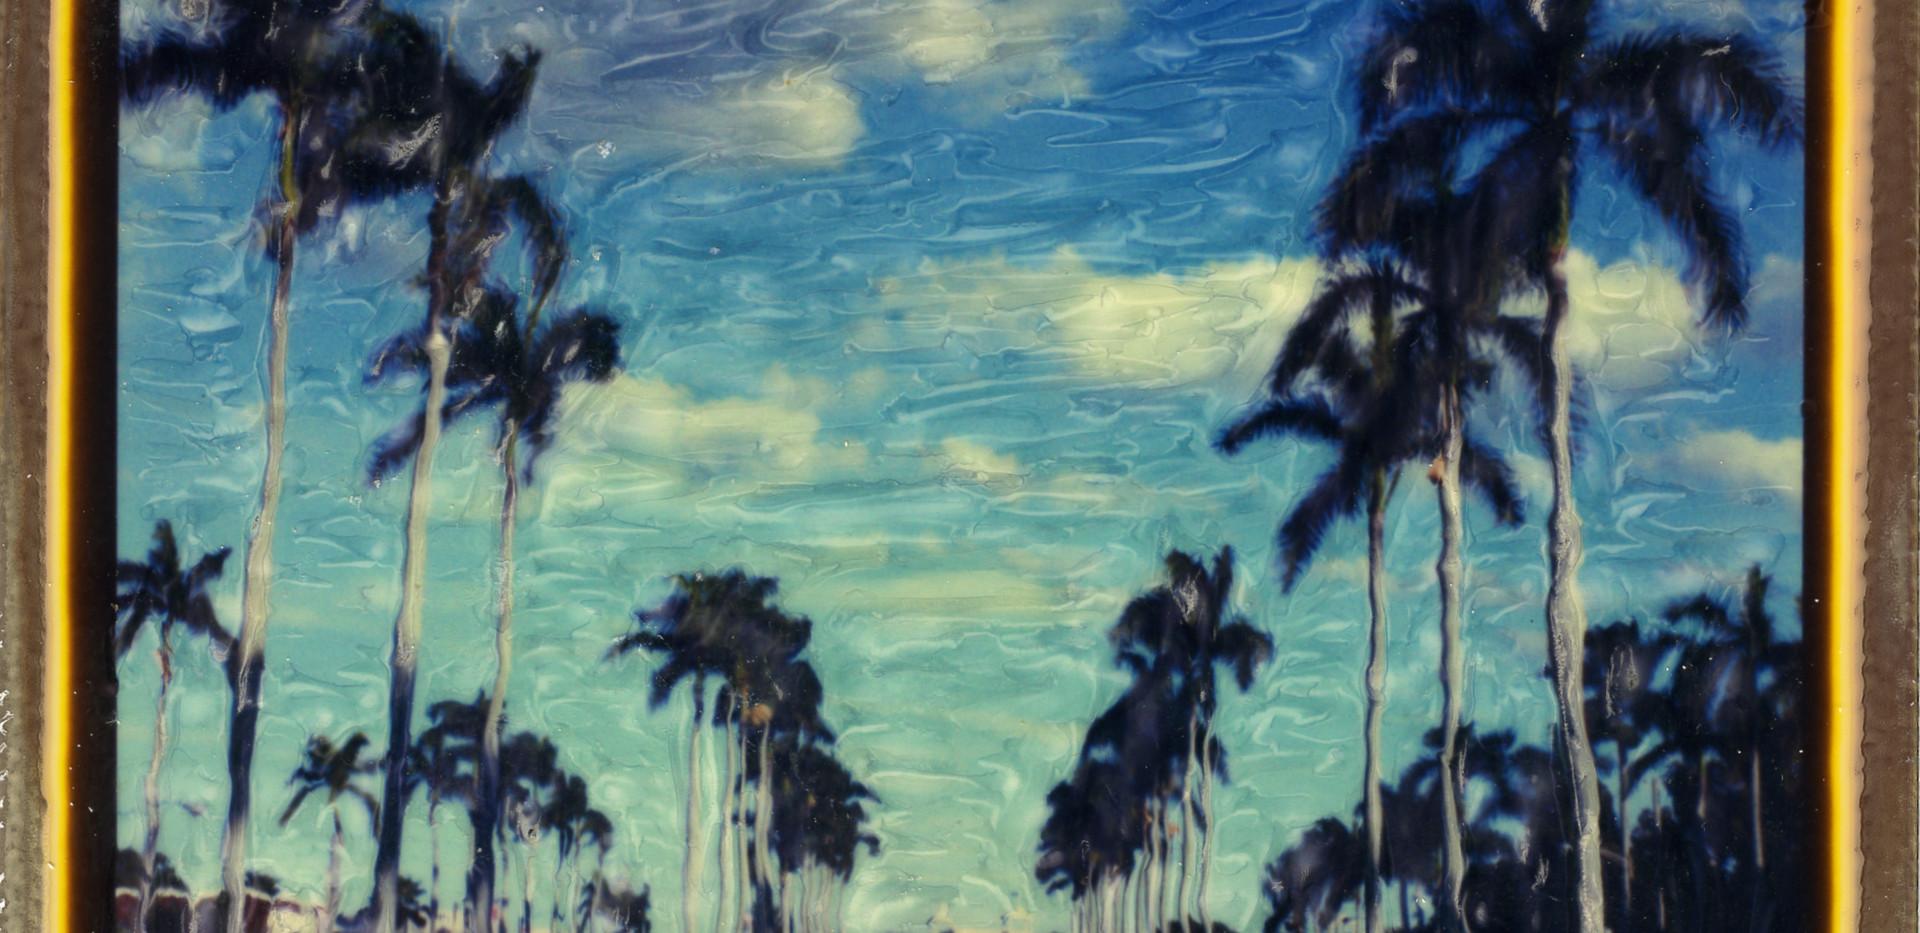 SX-70 Palm Beach Palms001.jpg